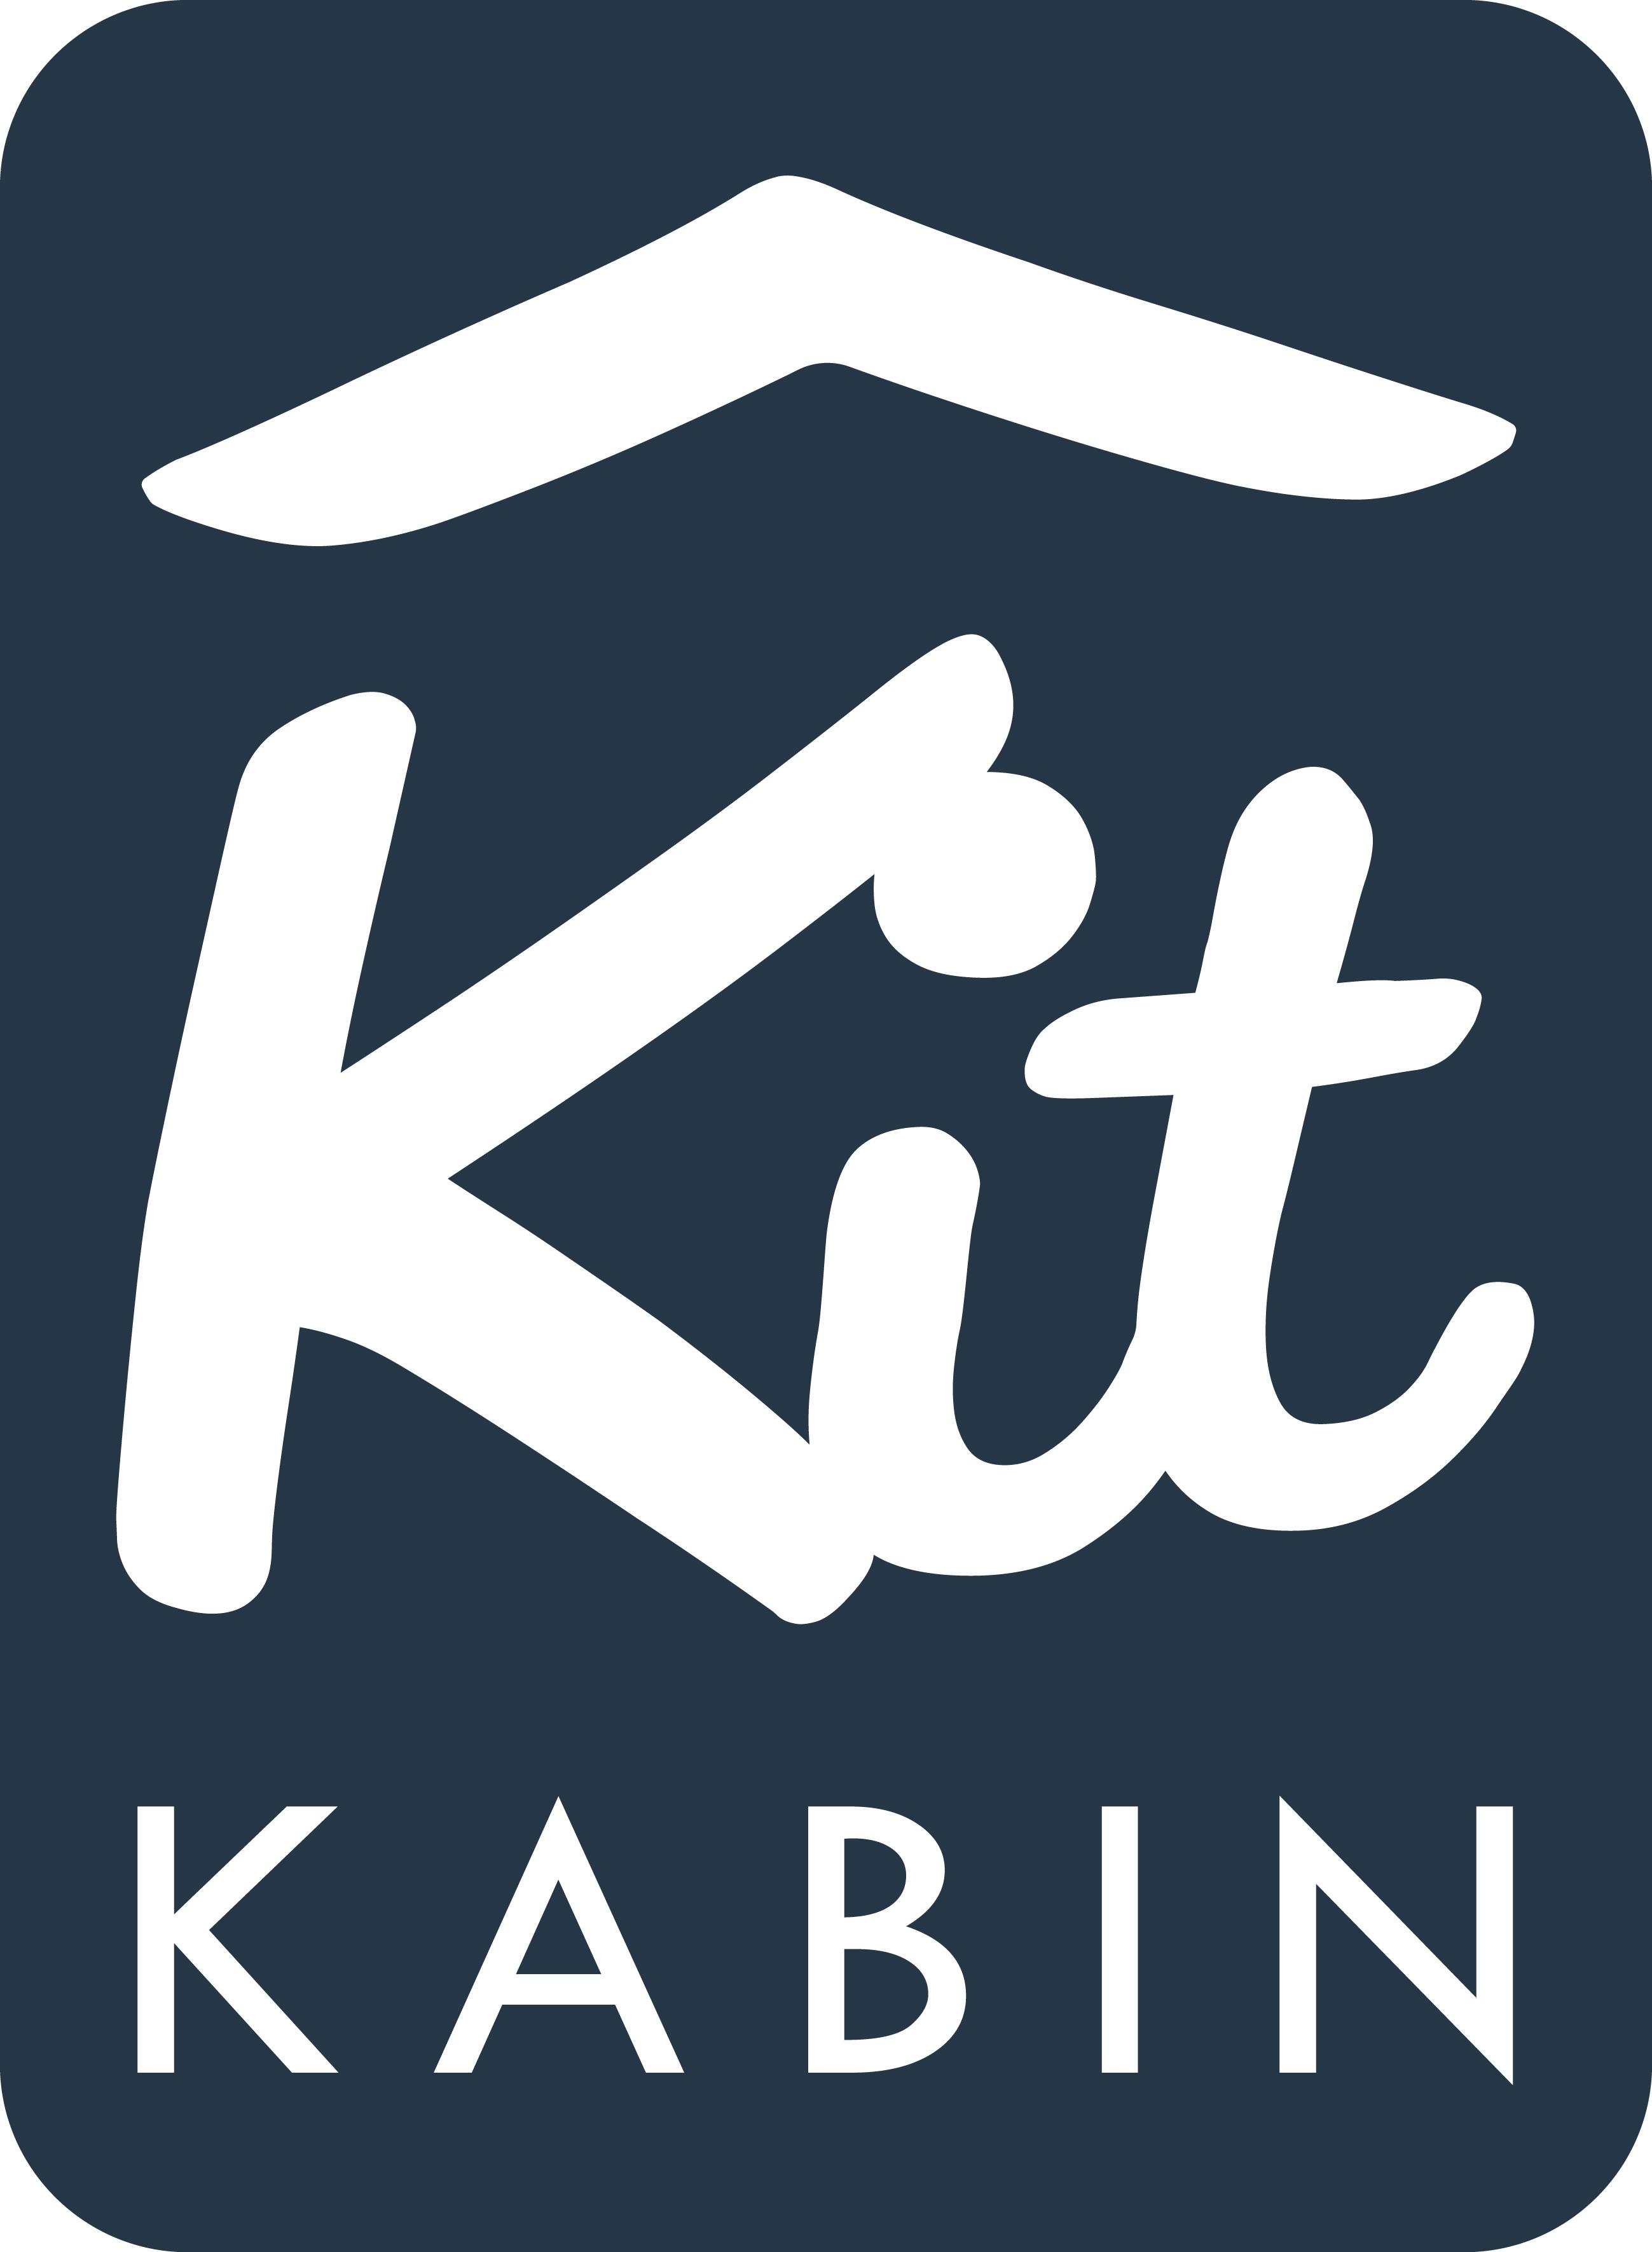 Kitkabin